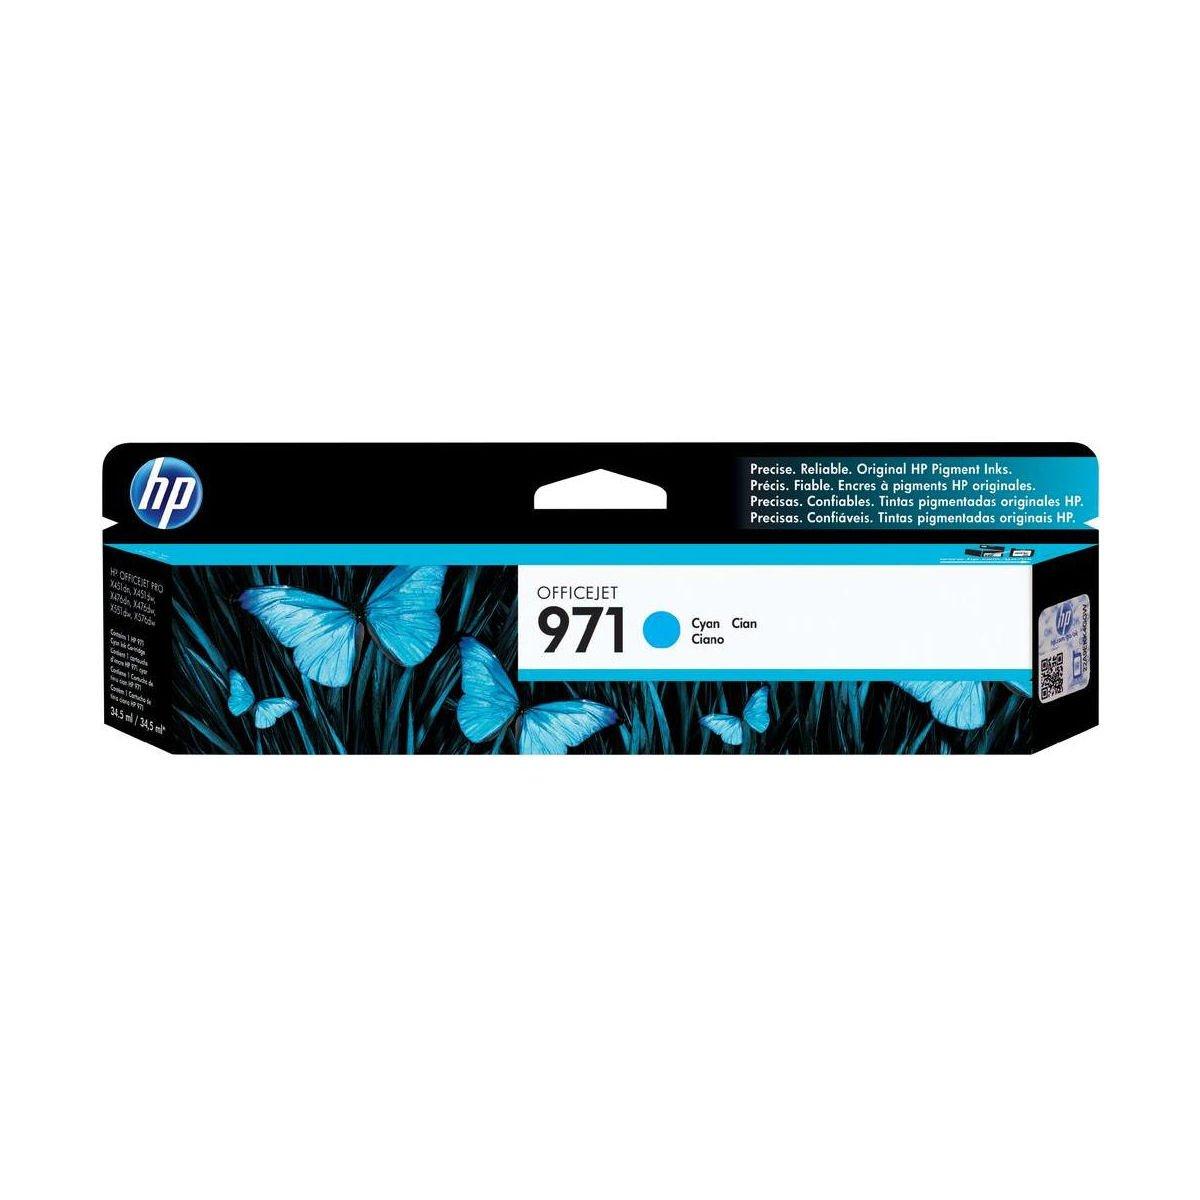 Hewlett Packard HP 971 Officejet Inkjet Cartridge Page Life 2500pp Cyan Ref CN622AE